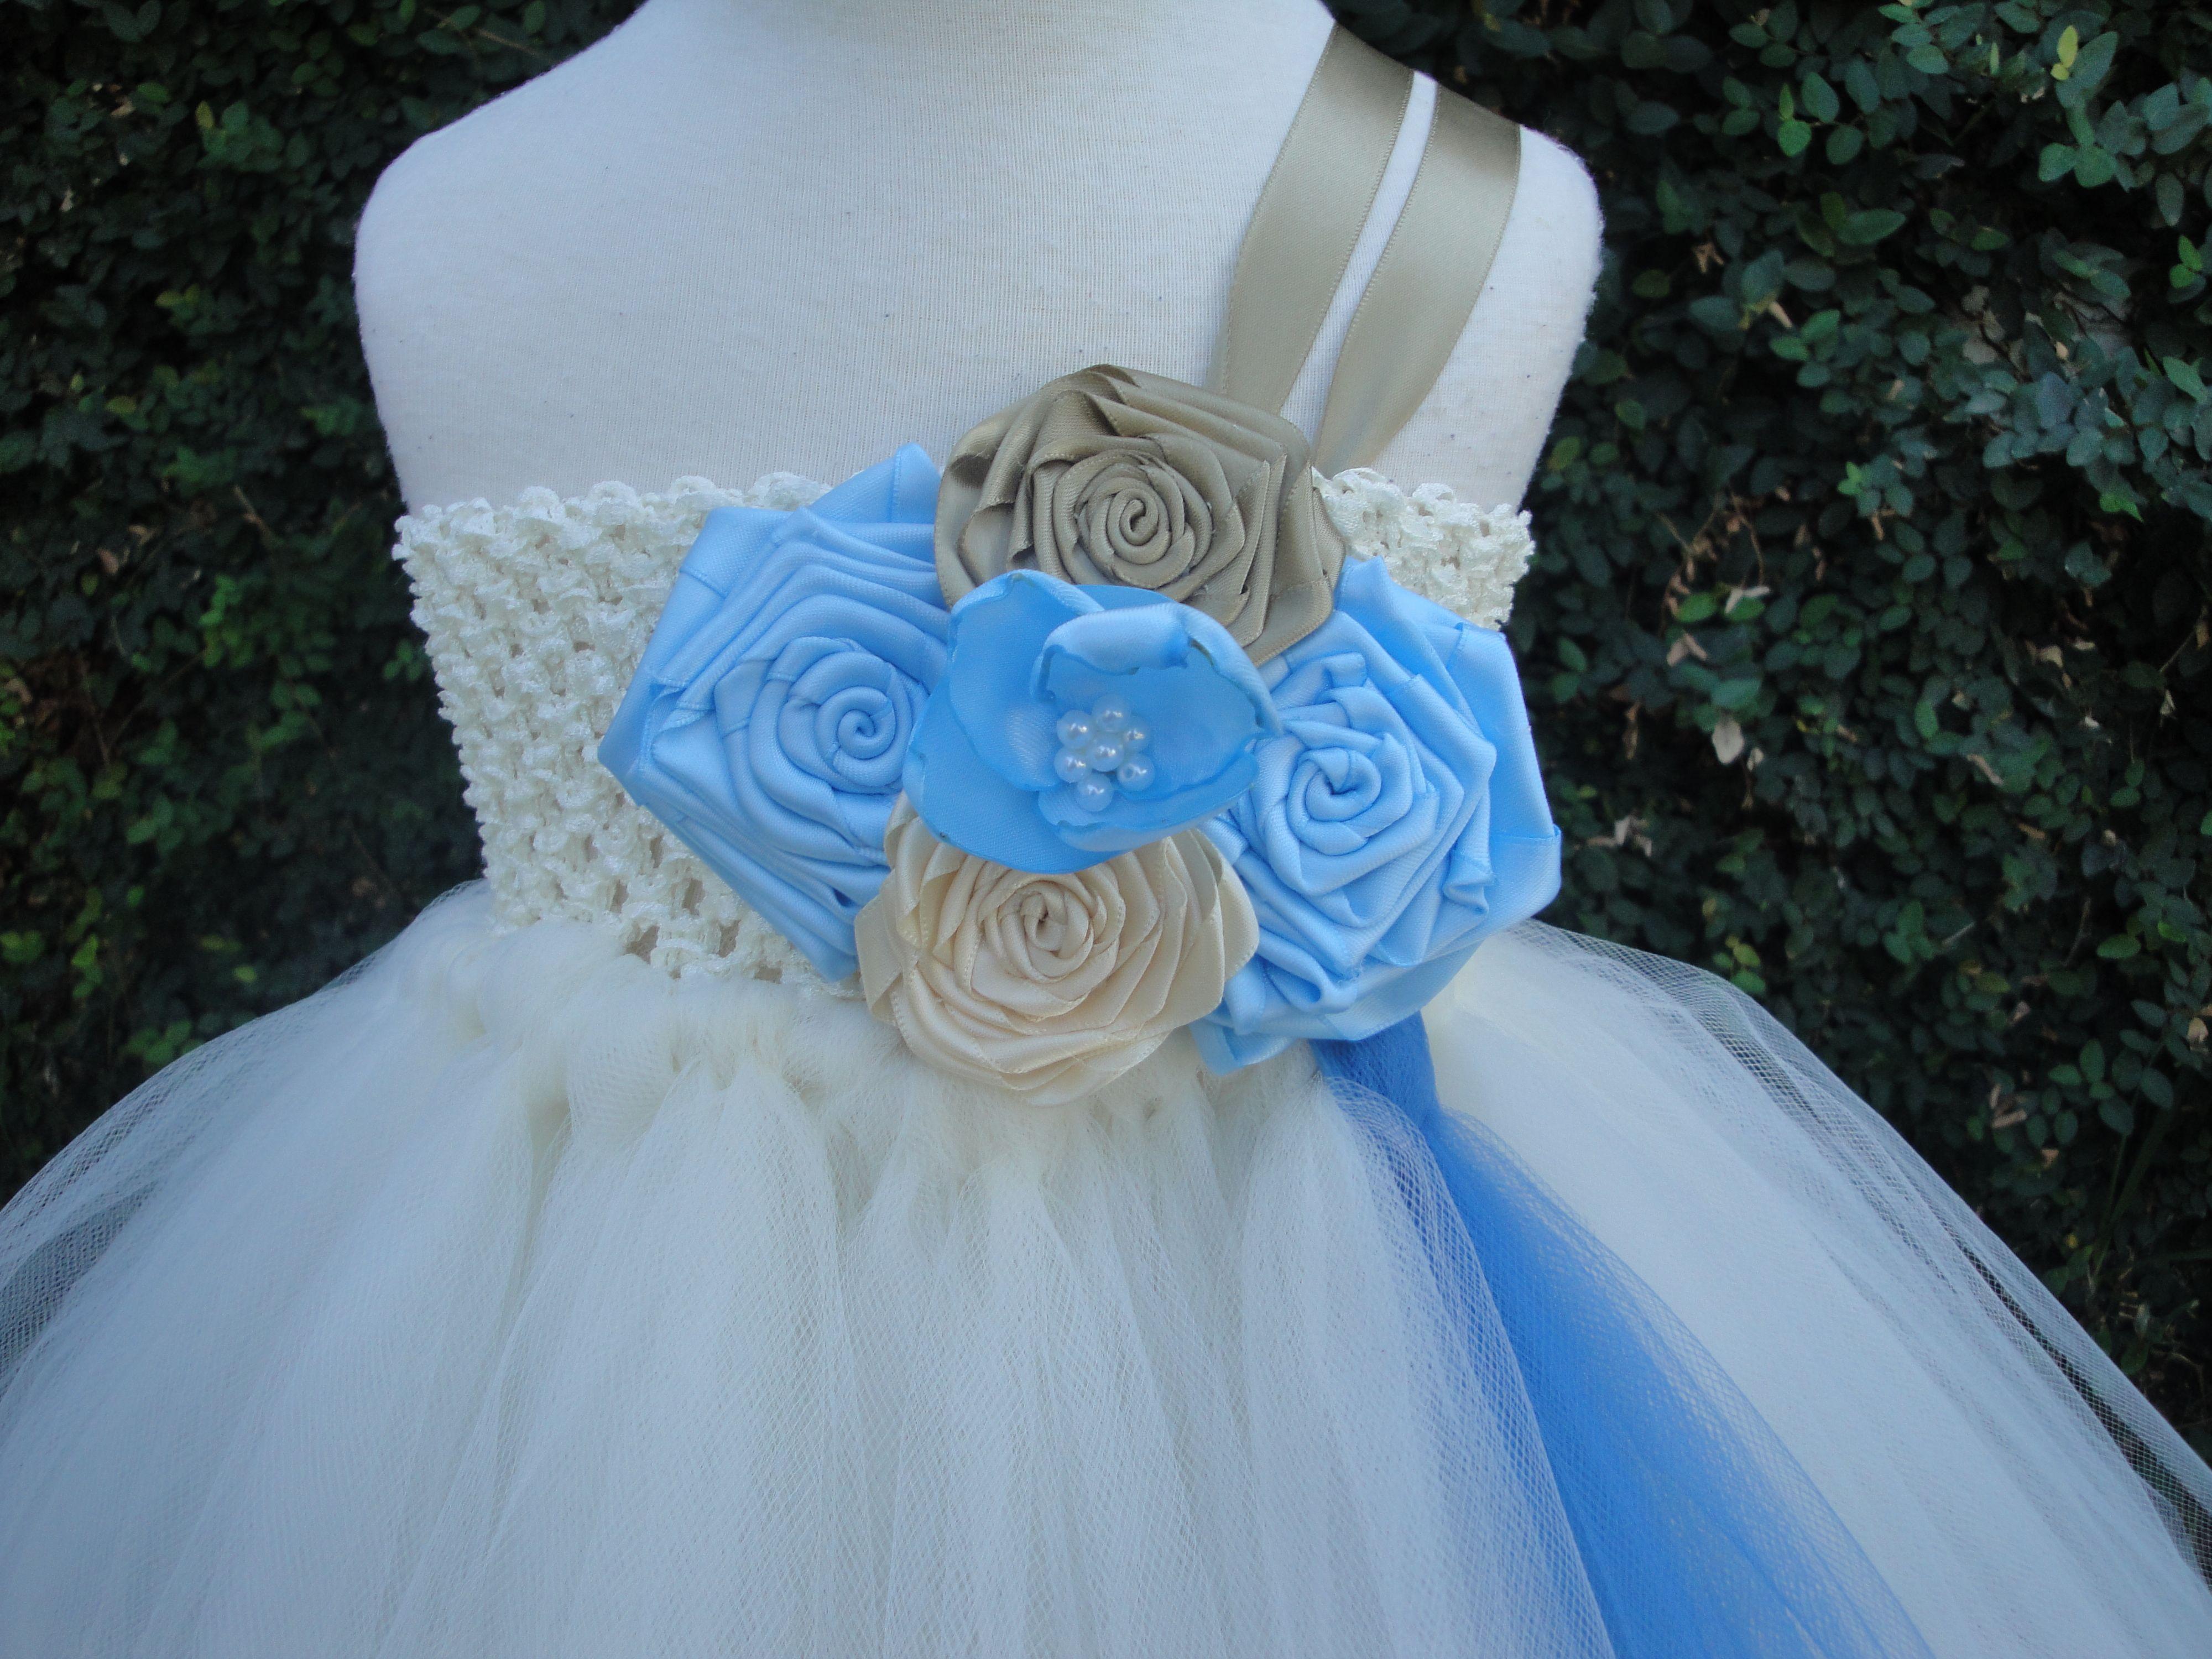 flower girl wedding tutu ideas | flower girl ivory,gold and blue ...